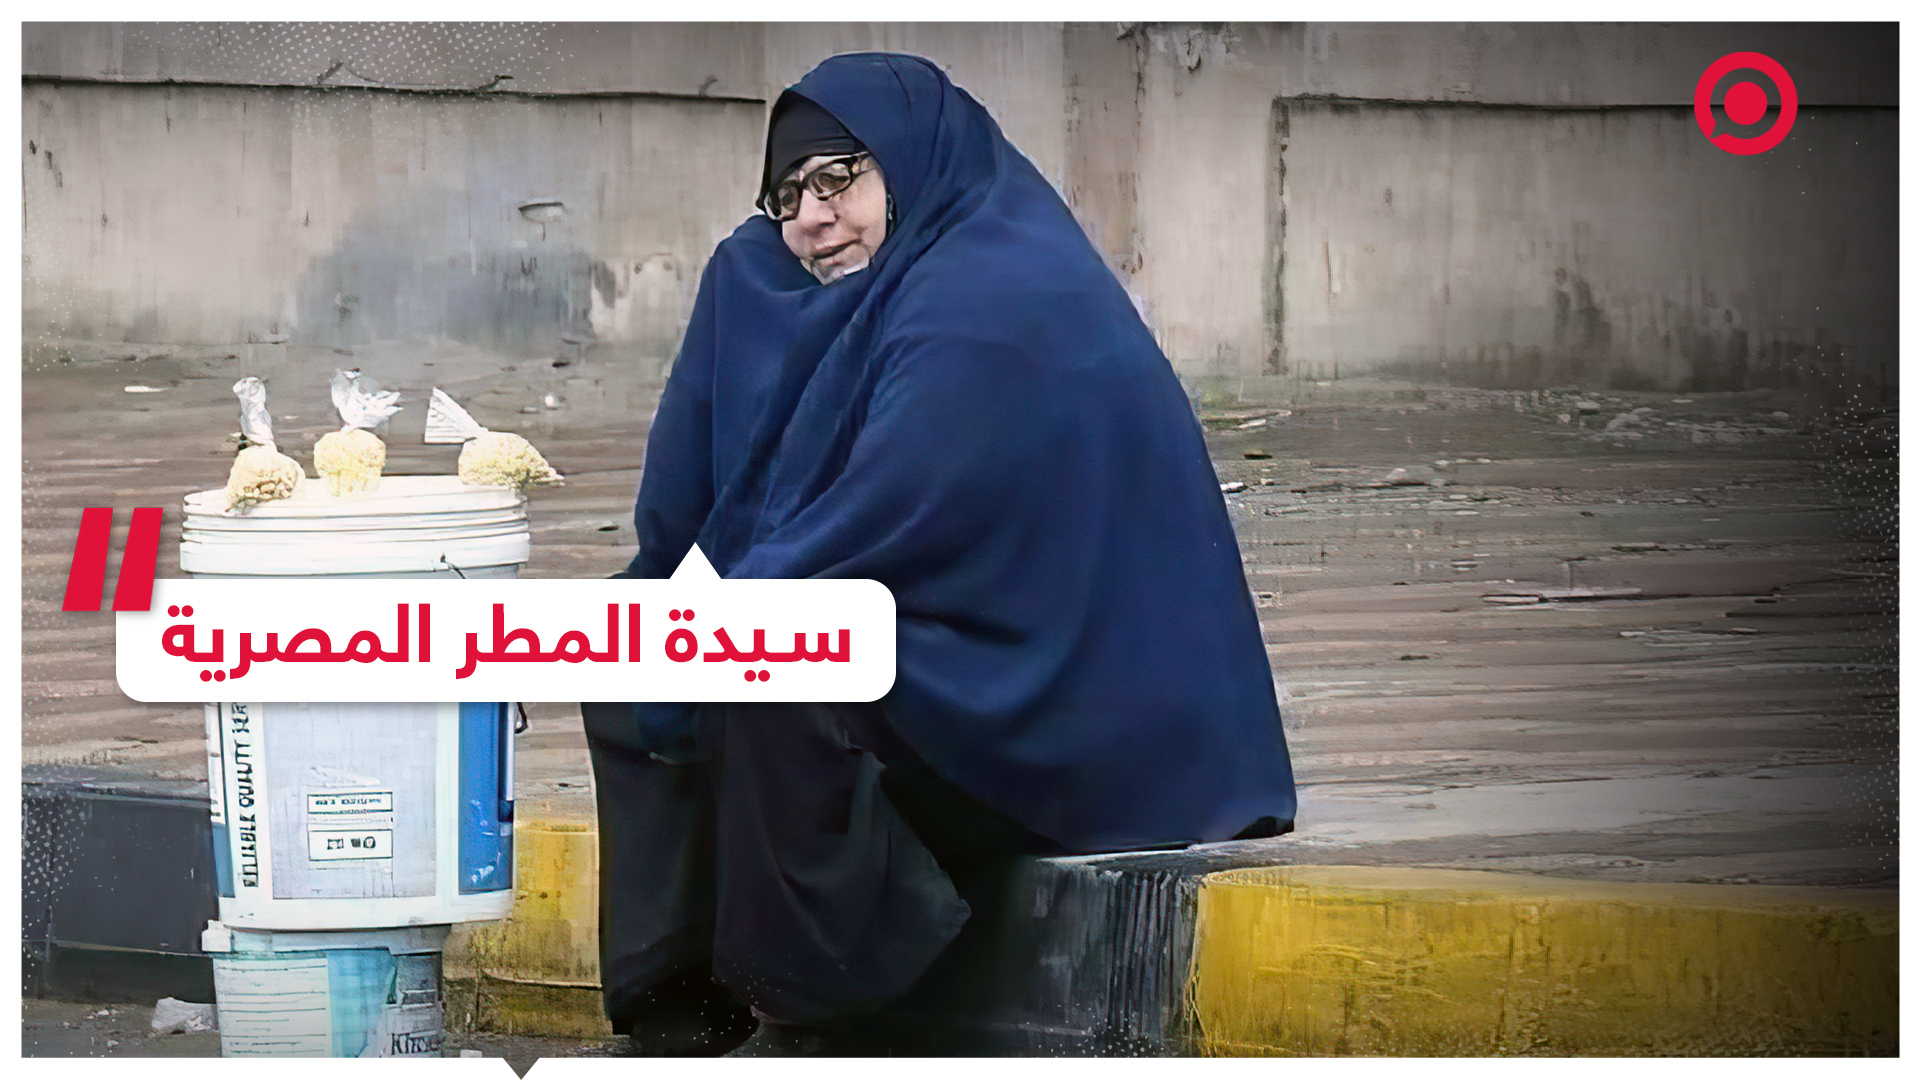 #مصر #سيدة_المطر